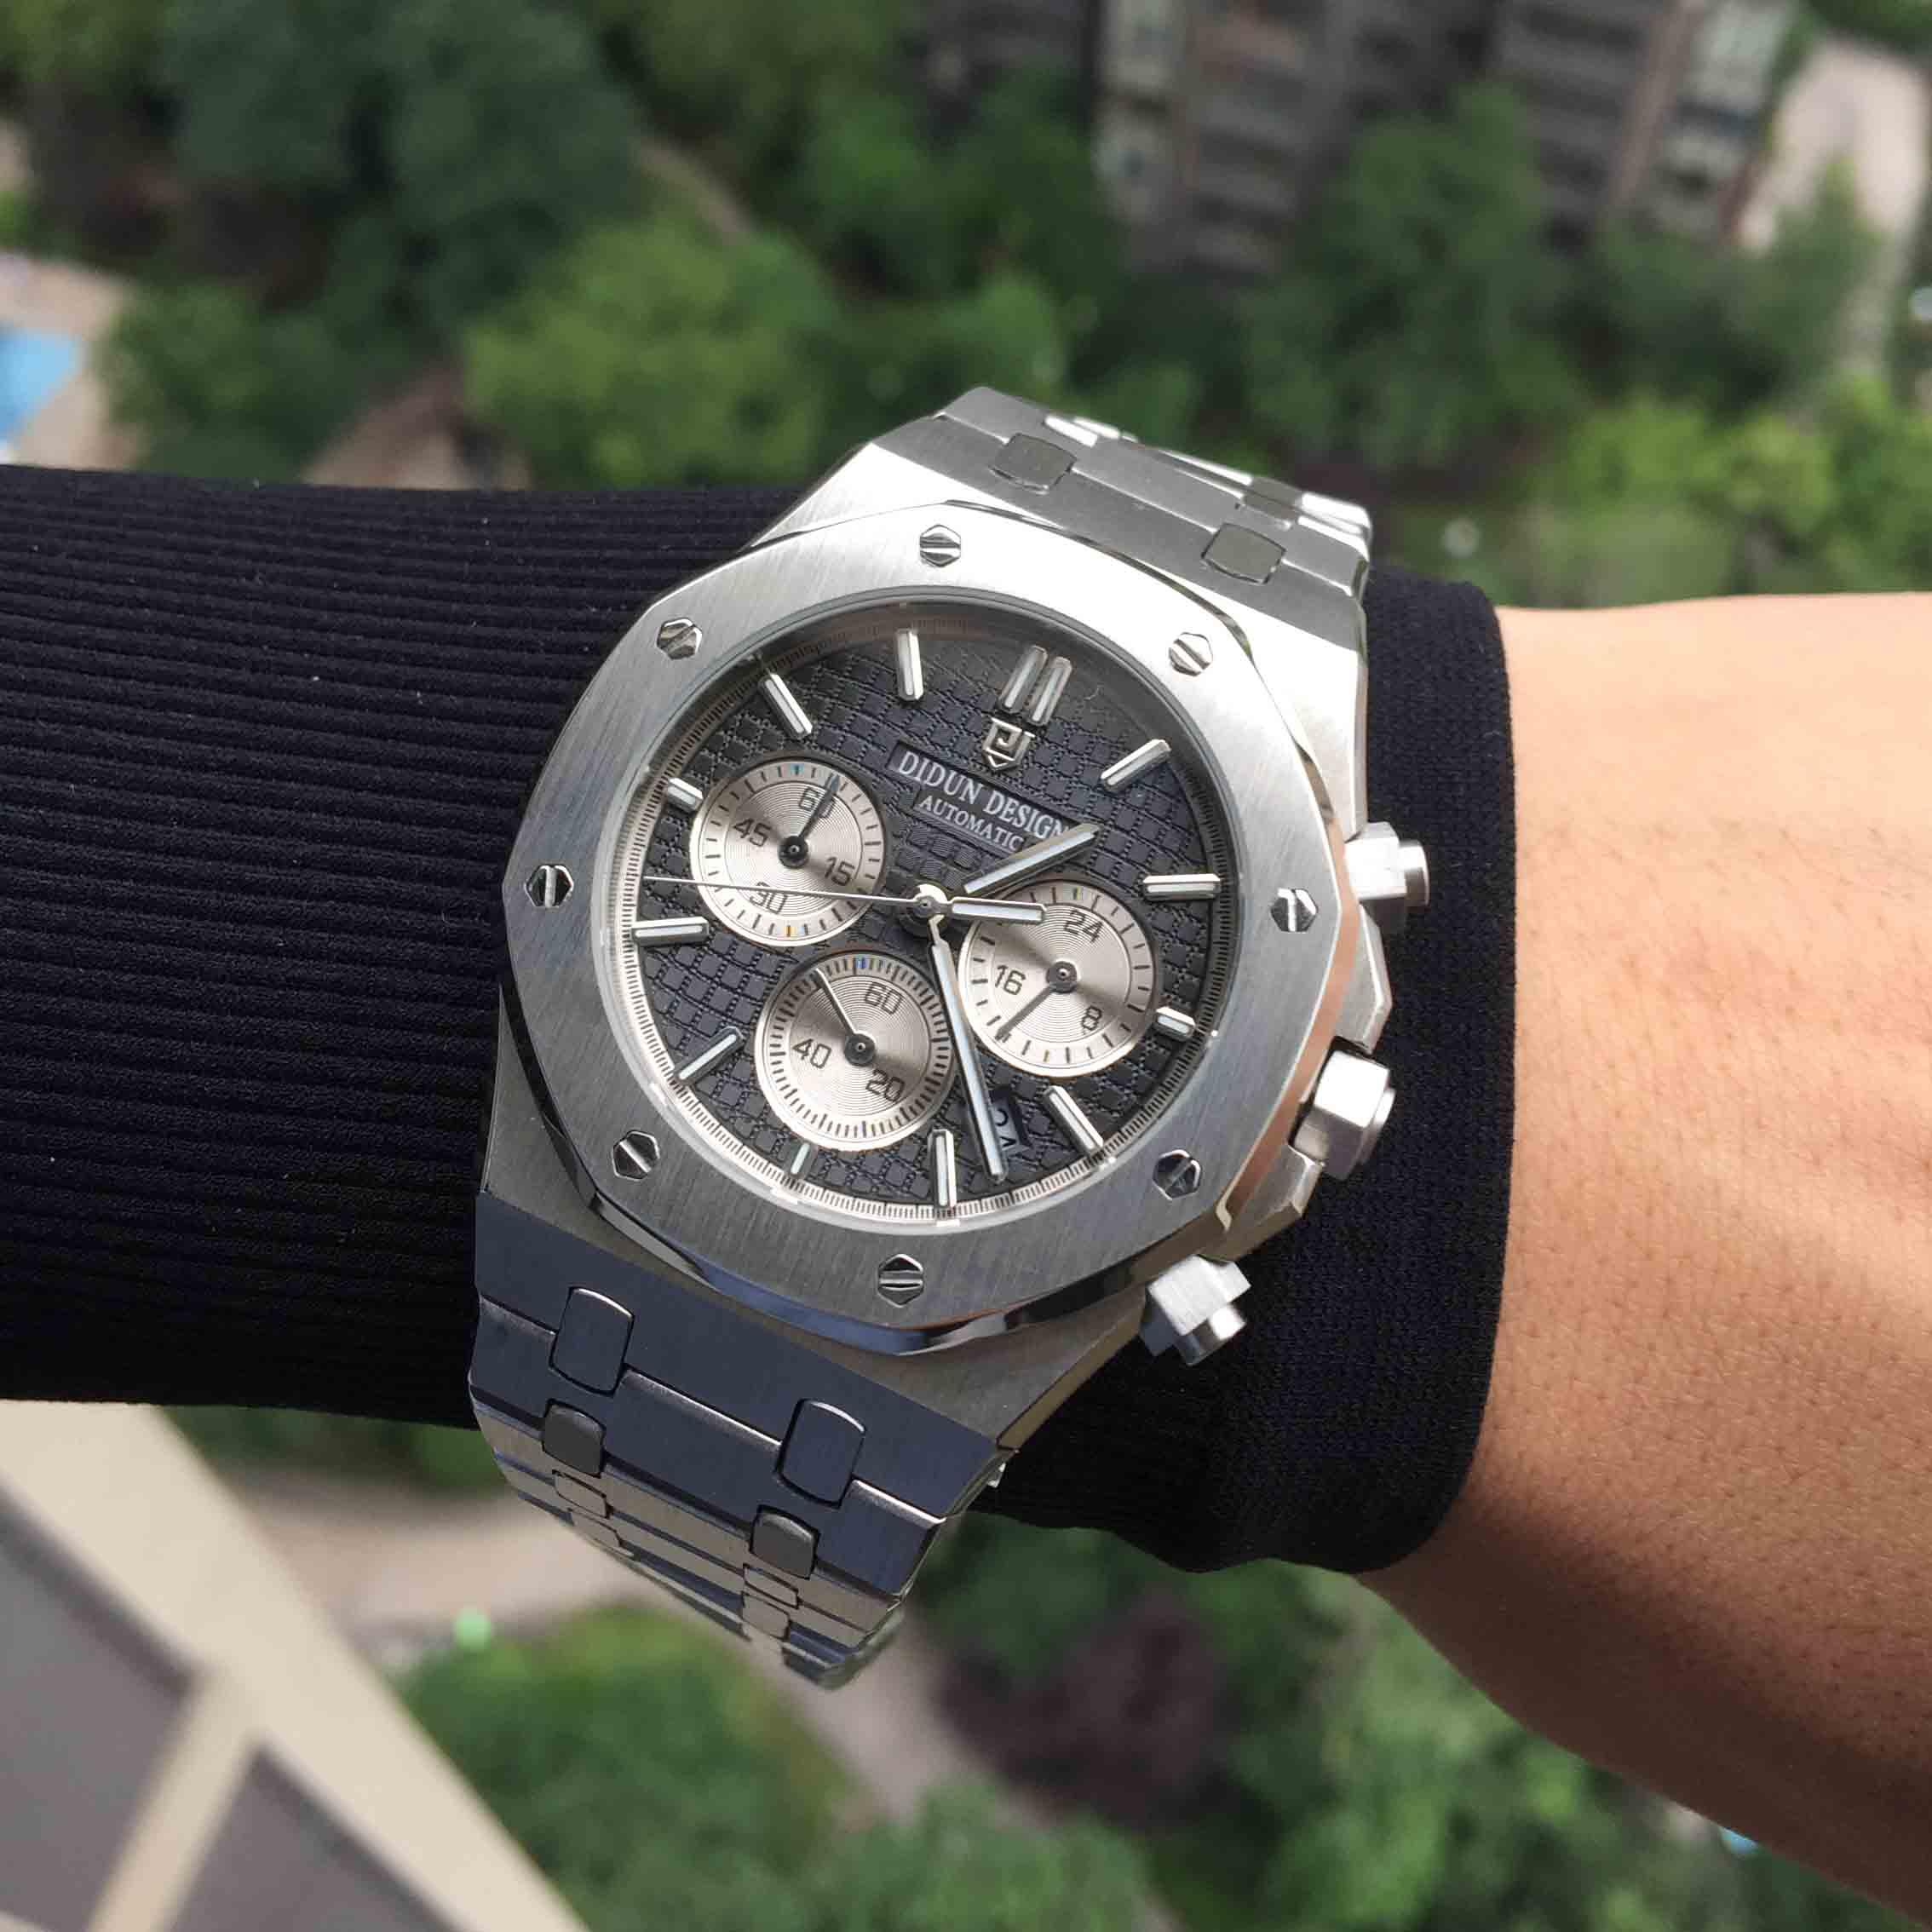 Reloj DIDUN reloj militar de cuarzo a la moda para hombre, reloj deportivo de lujo resistente al agua